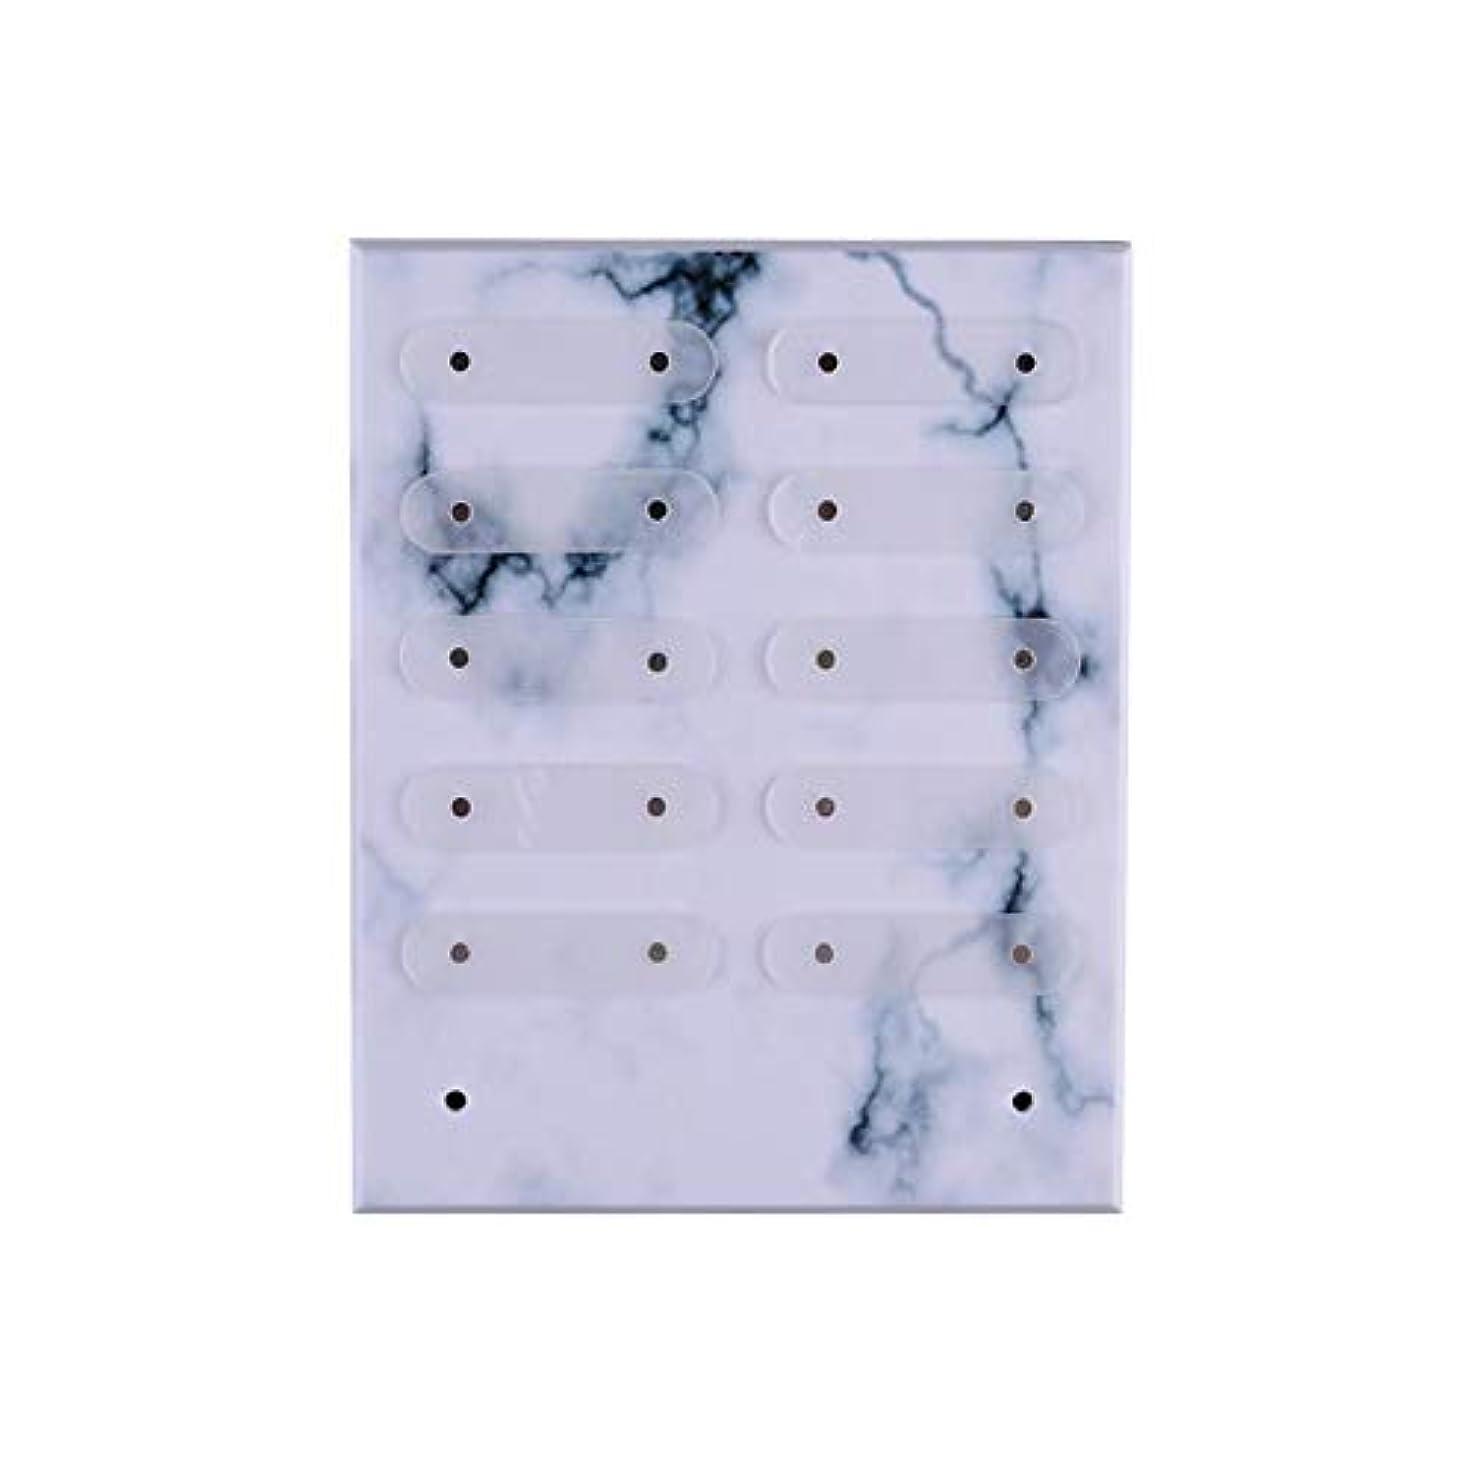 ブレイズ追加誤ってBrill(ブリーオ) 三次元Magnetadsorptionネイルアートの表示には、ネイルサロン/マニキュア/ペディキュアのための適切な着脱式スタンド